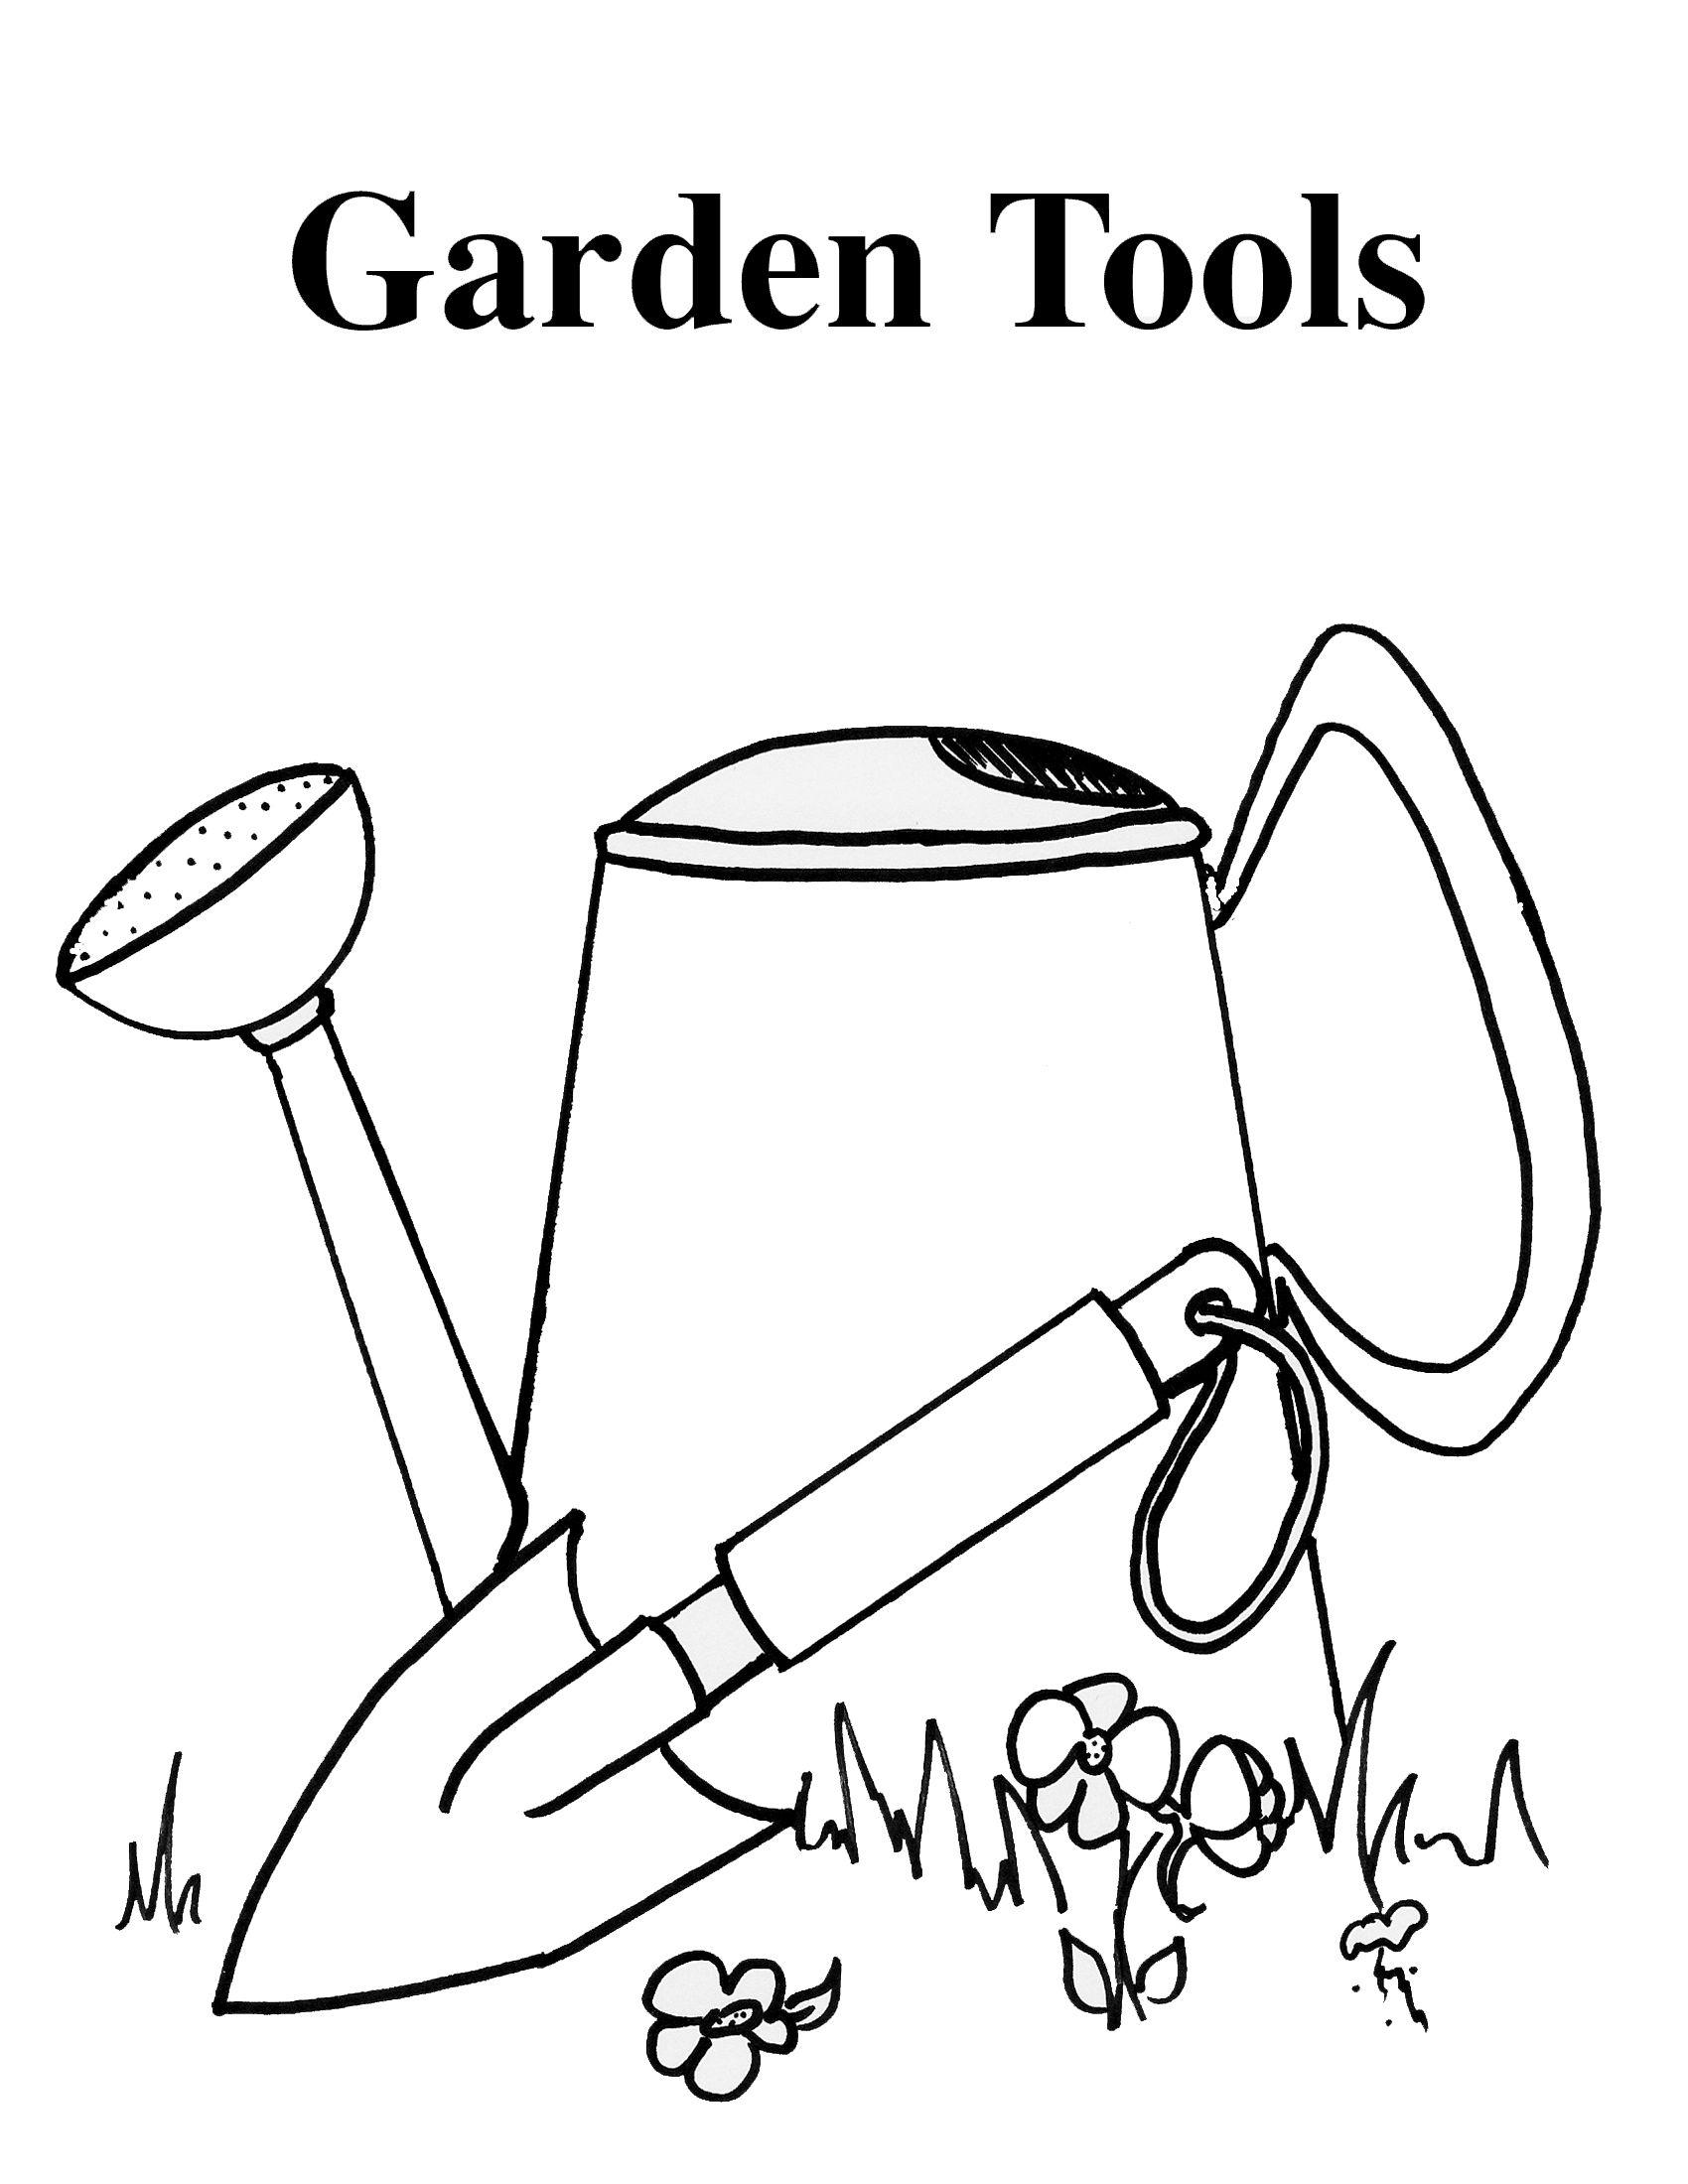 Garden Tools Copy Jpg 1700 2200 Coloring Pages Garden Tools Garden Coloring Pages